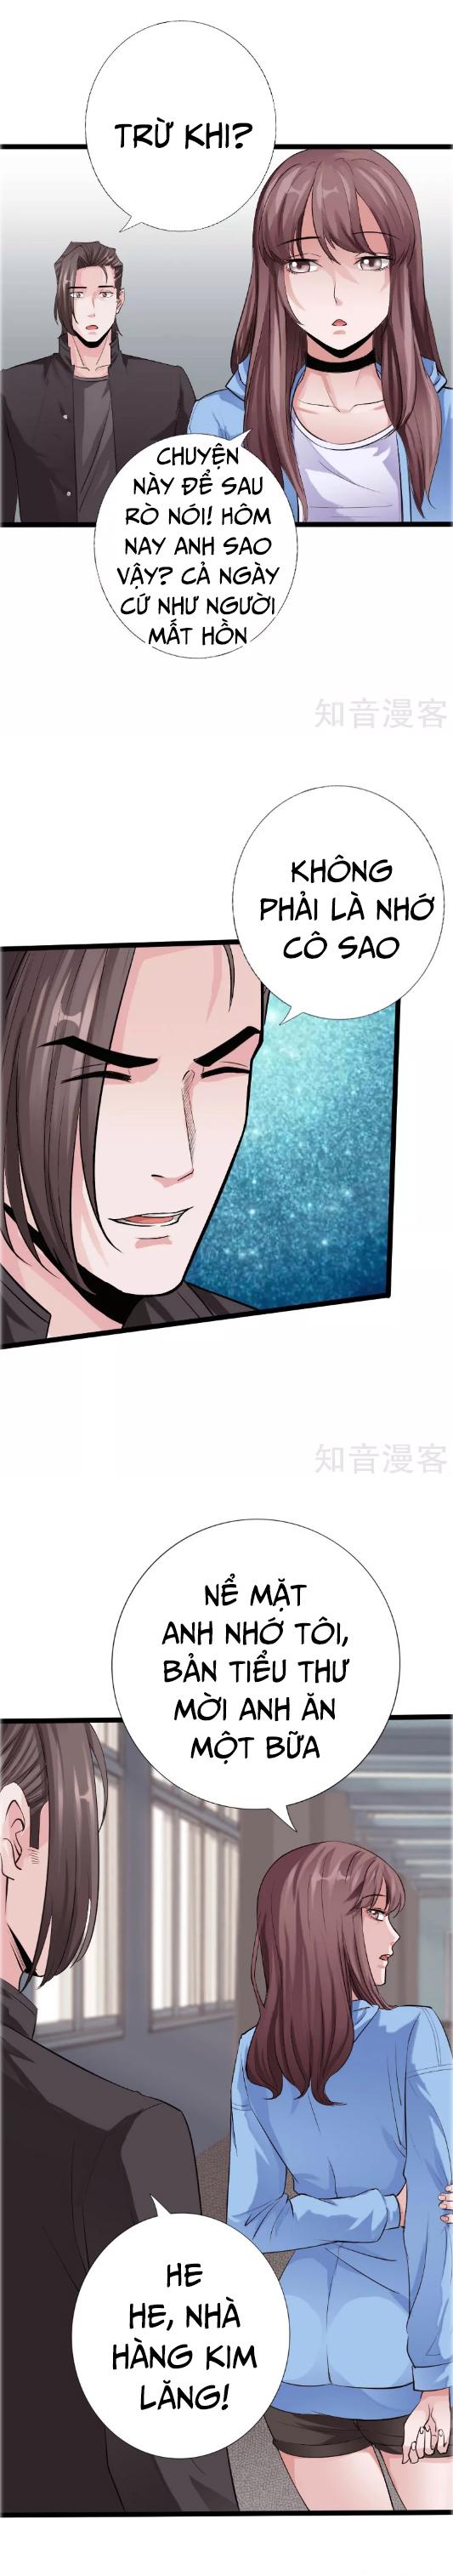 Tuyệt Phẩm Tà Thiếu Chapter 39 video - truyenmh.com